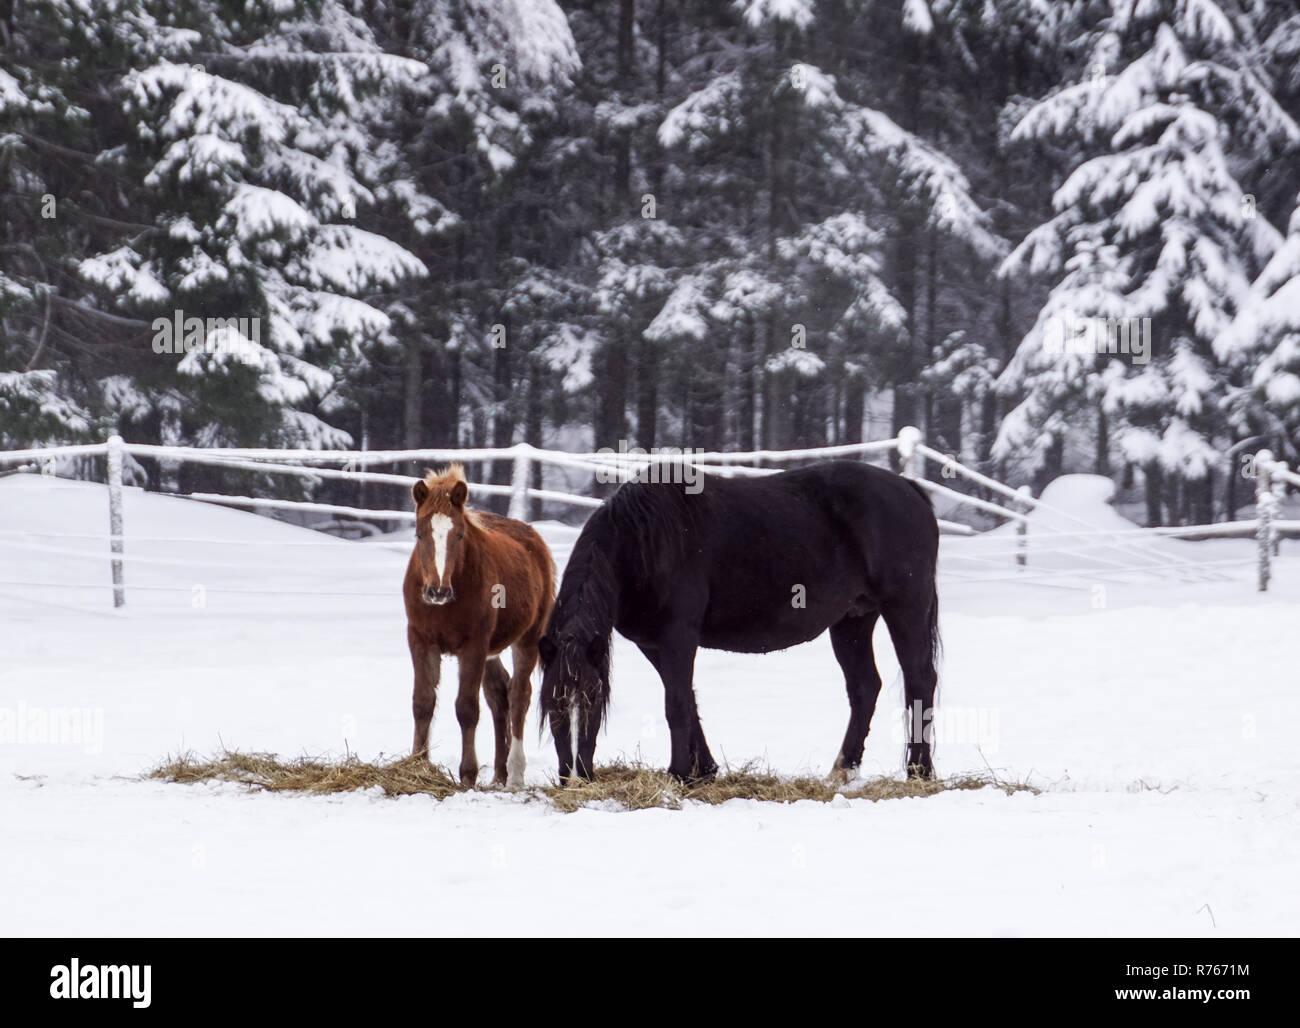 Kostenlose Schone Braune Pferd Geniesst Schnee Und Sonne Im Winter